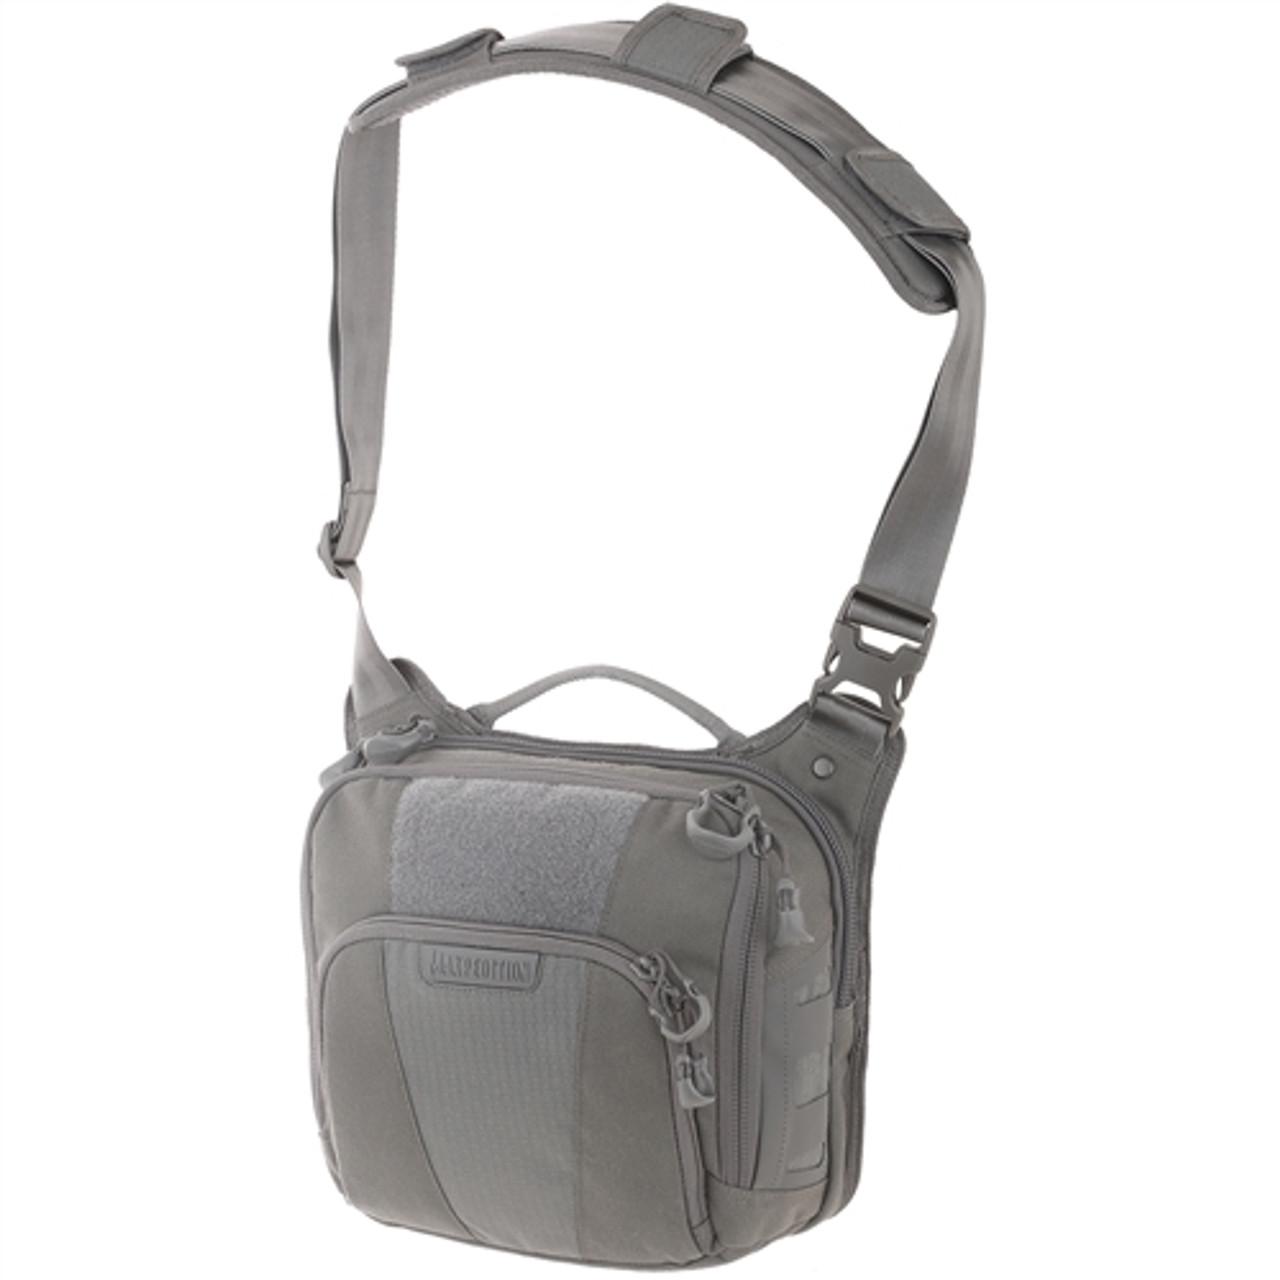 Maxpedition LCRGRY AGR Lochspyr Crossbody Shoulder Bag, Grey